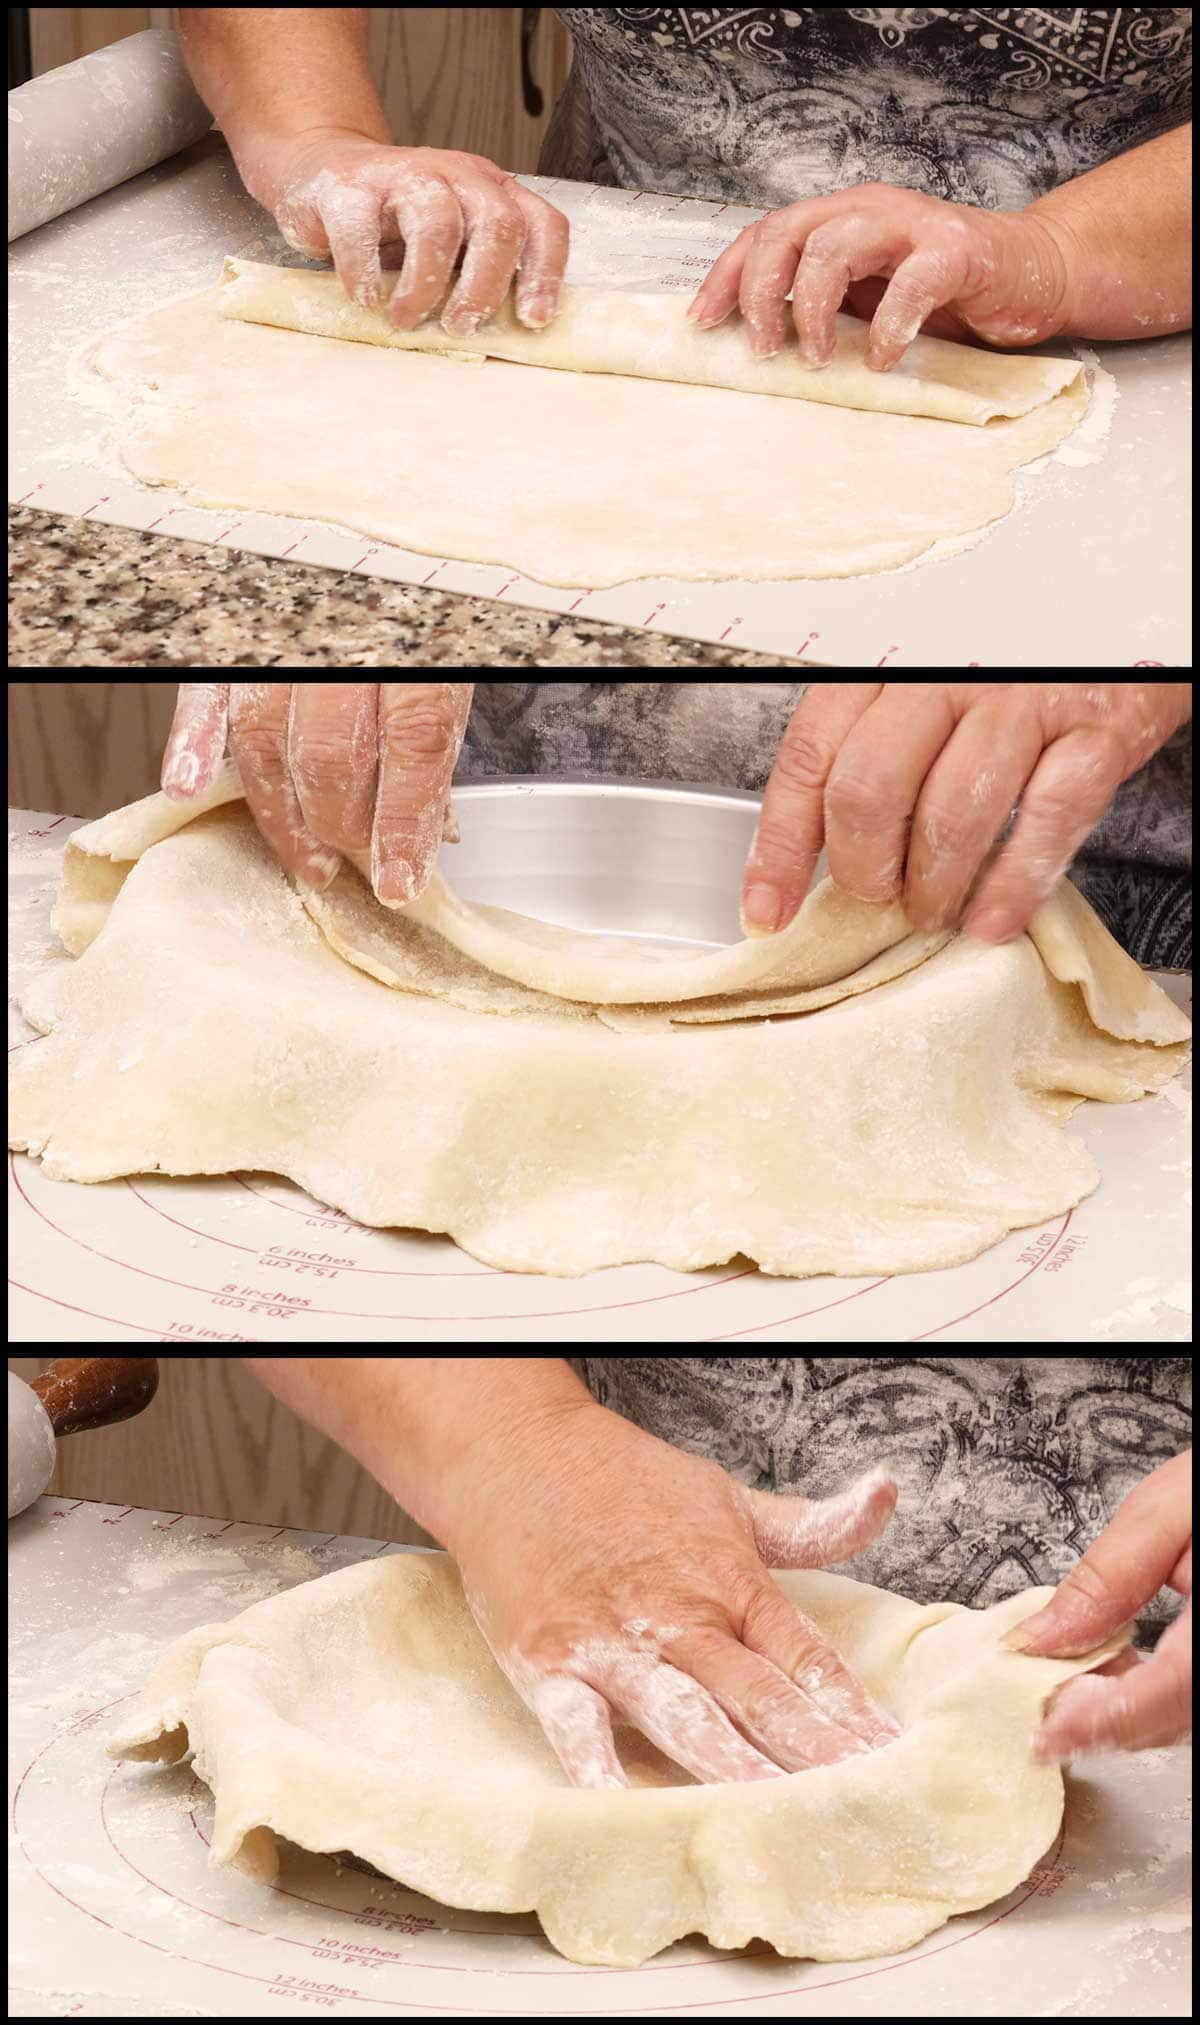 placing the pie dough into the pie pan